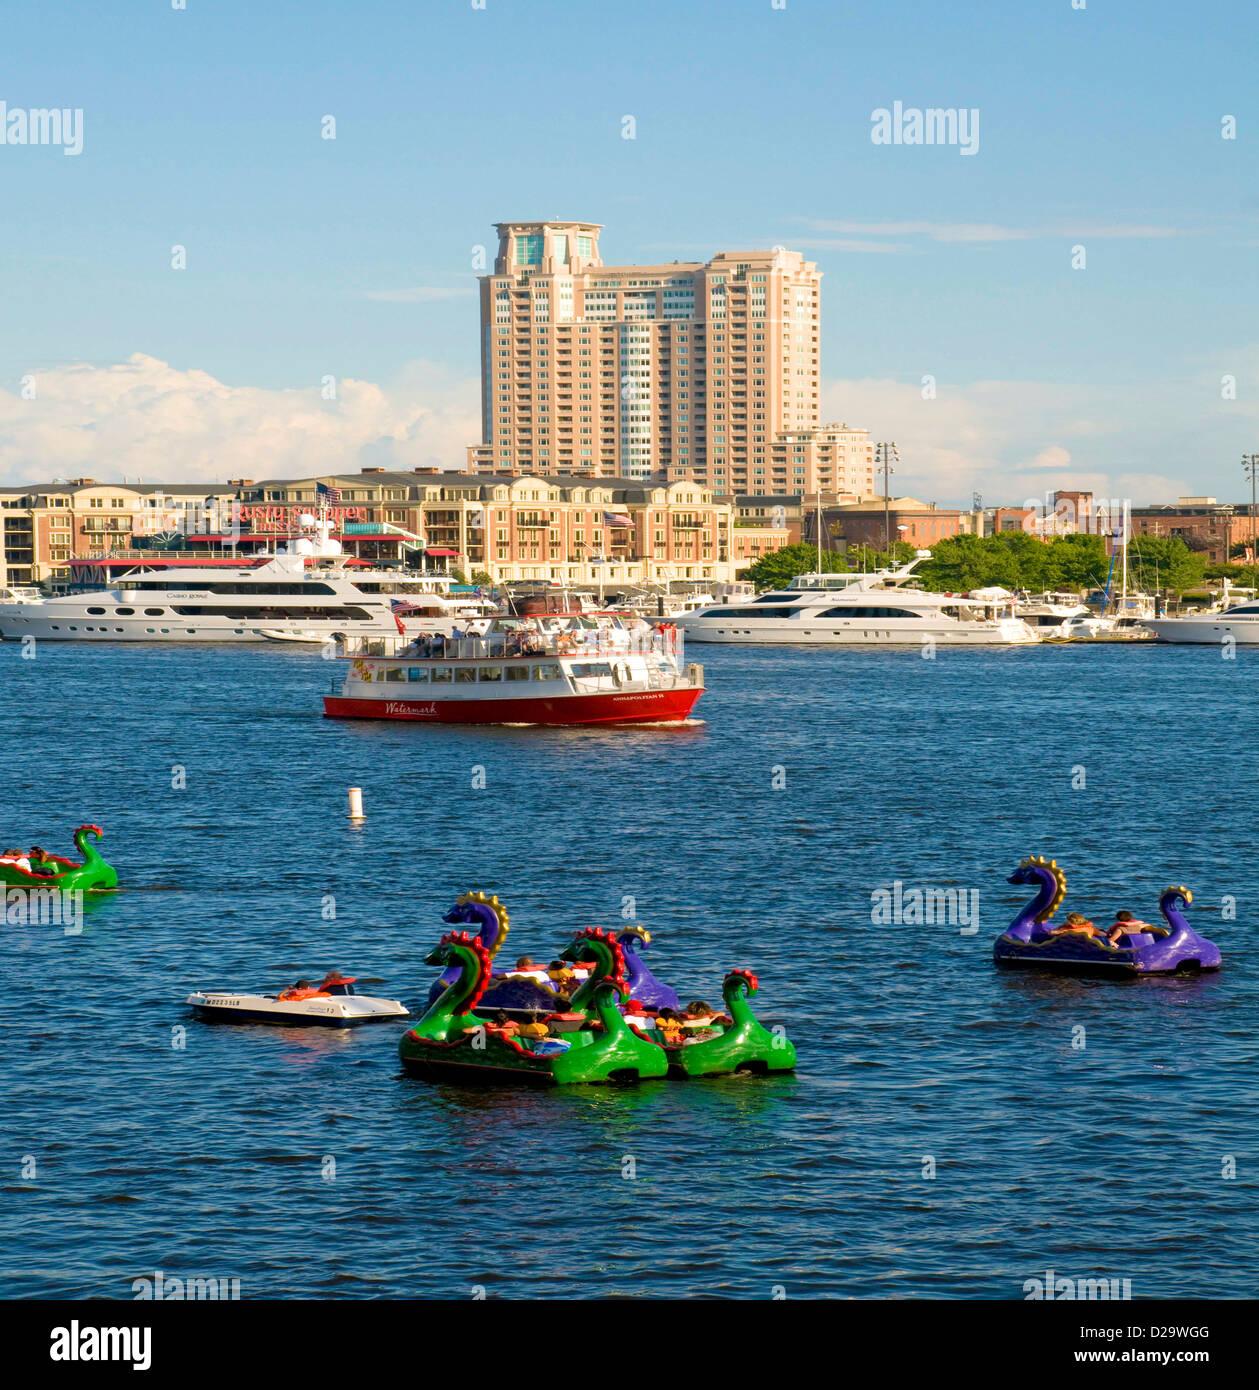 Baltimore Harbor, hohe Aufstieg Gebäude, Maryland, Paddel Boote, Wassertaxis, Yachten Stockbild